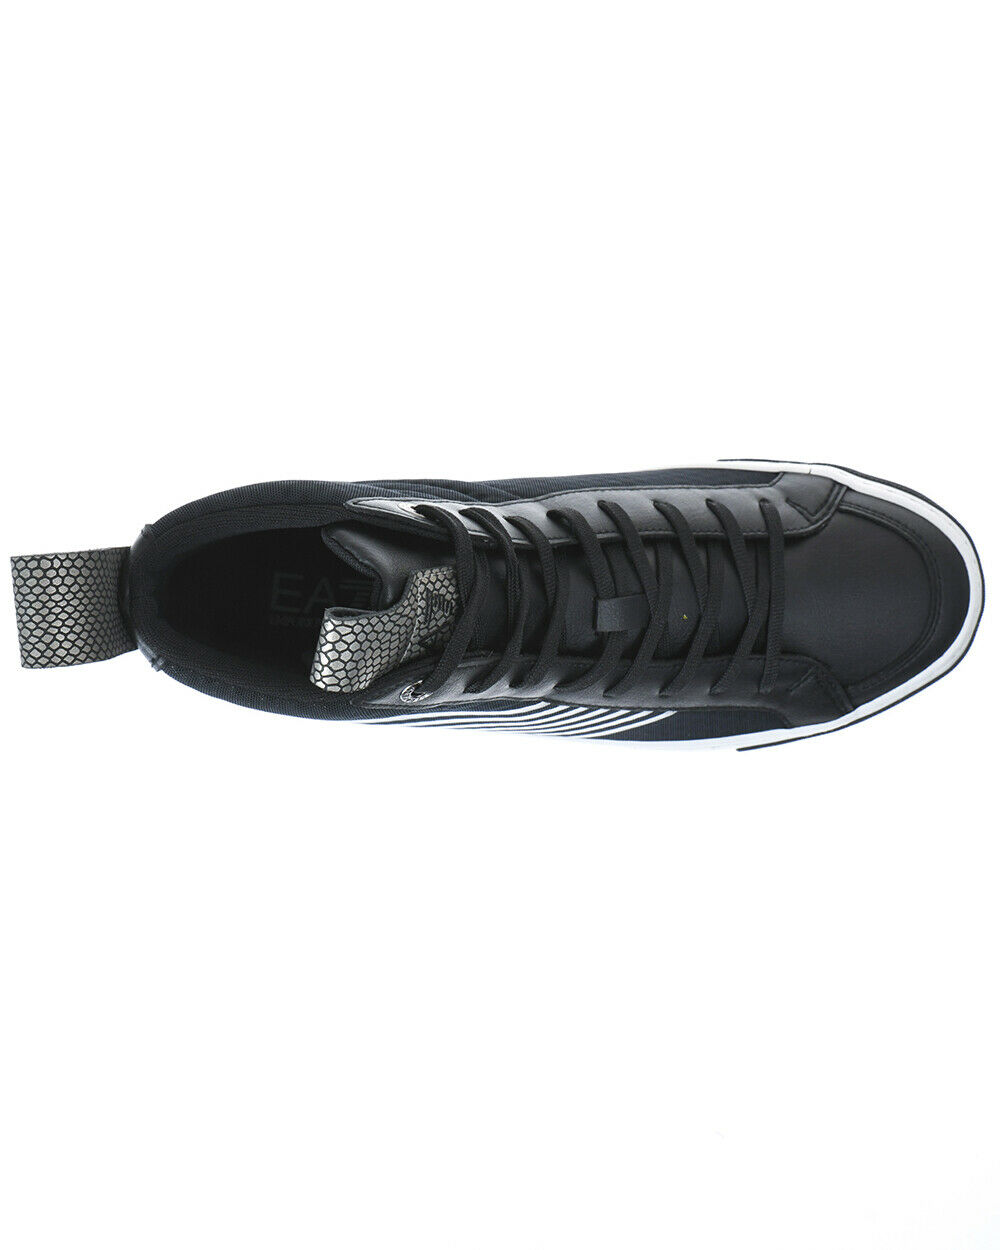 Emporio Armani Ea7 Ankle Boots Man Black X8Z002XK004 A077 Sz. 6 PUT OFFER